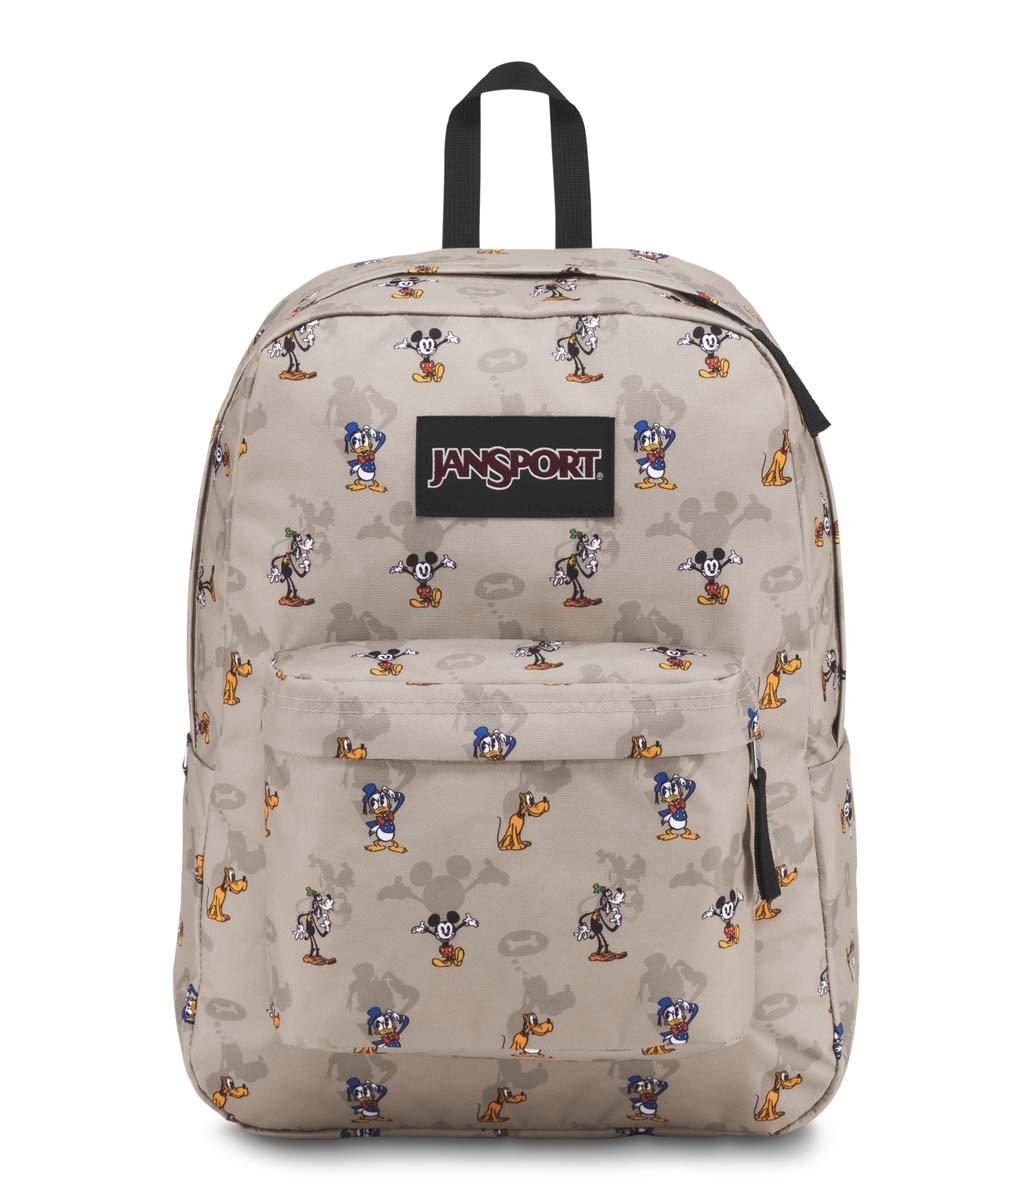 JanSport Disney Superbreak Backpack (Fab Shadow) by JanSport (Image #1)